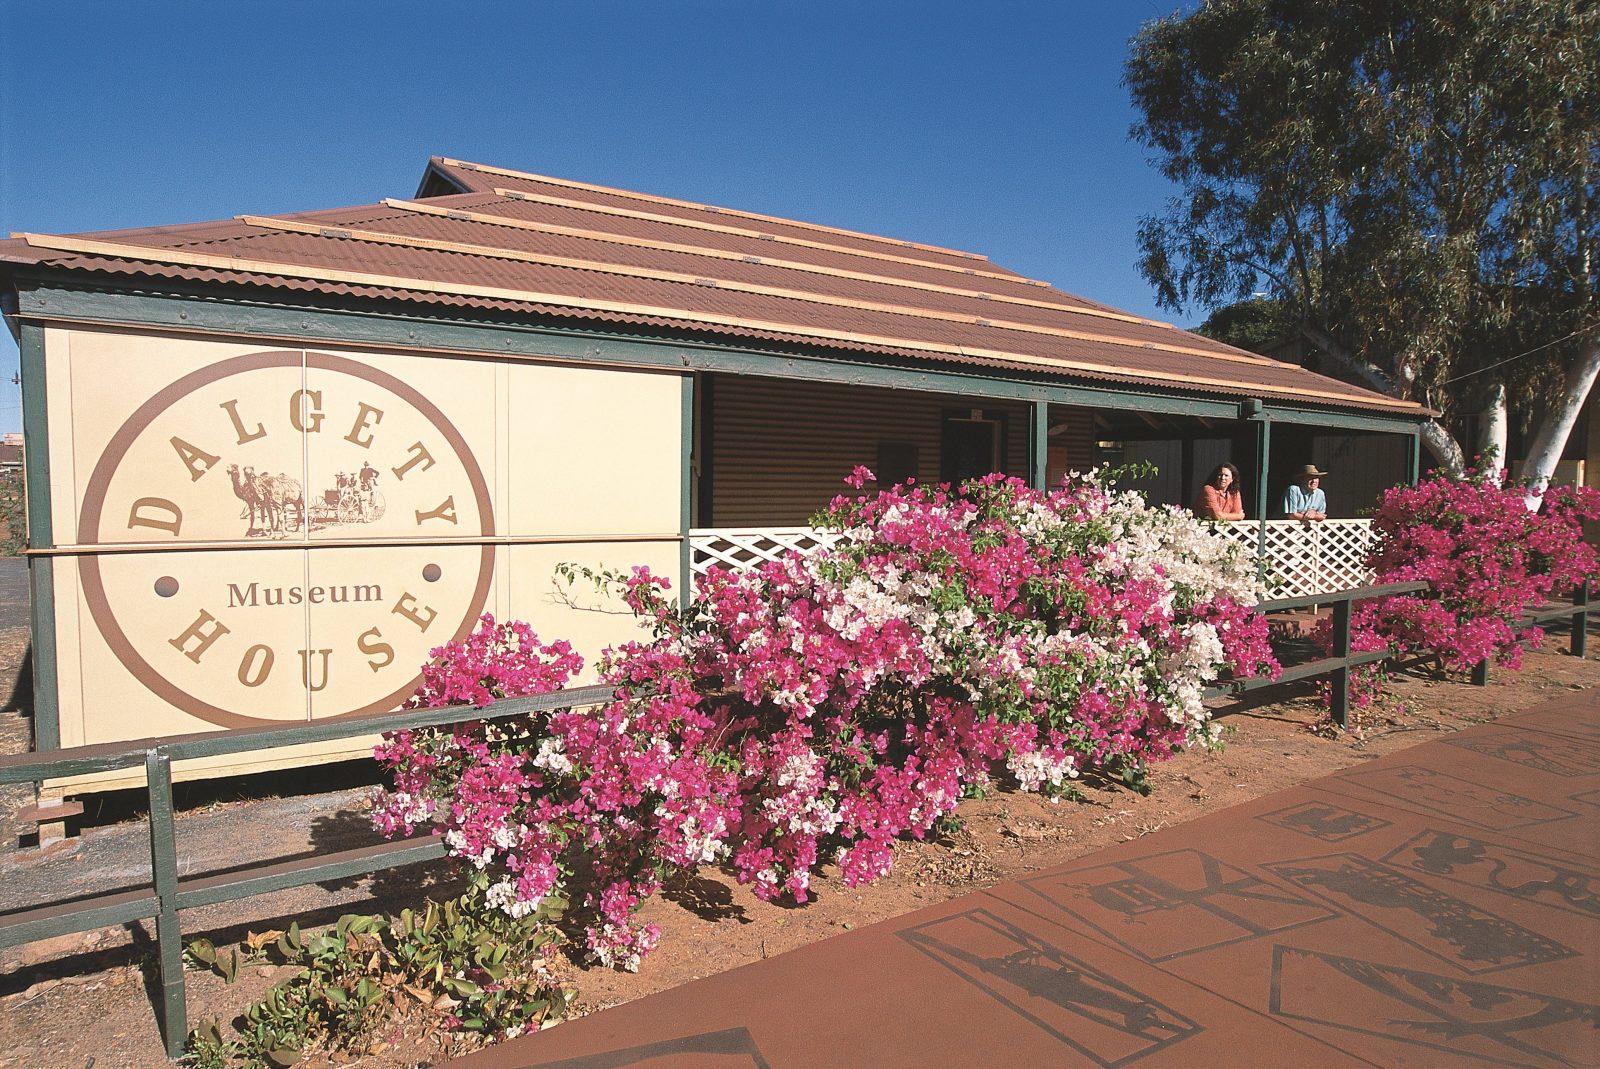 Dalgety House Museum, Port Hedland, Western Australia